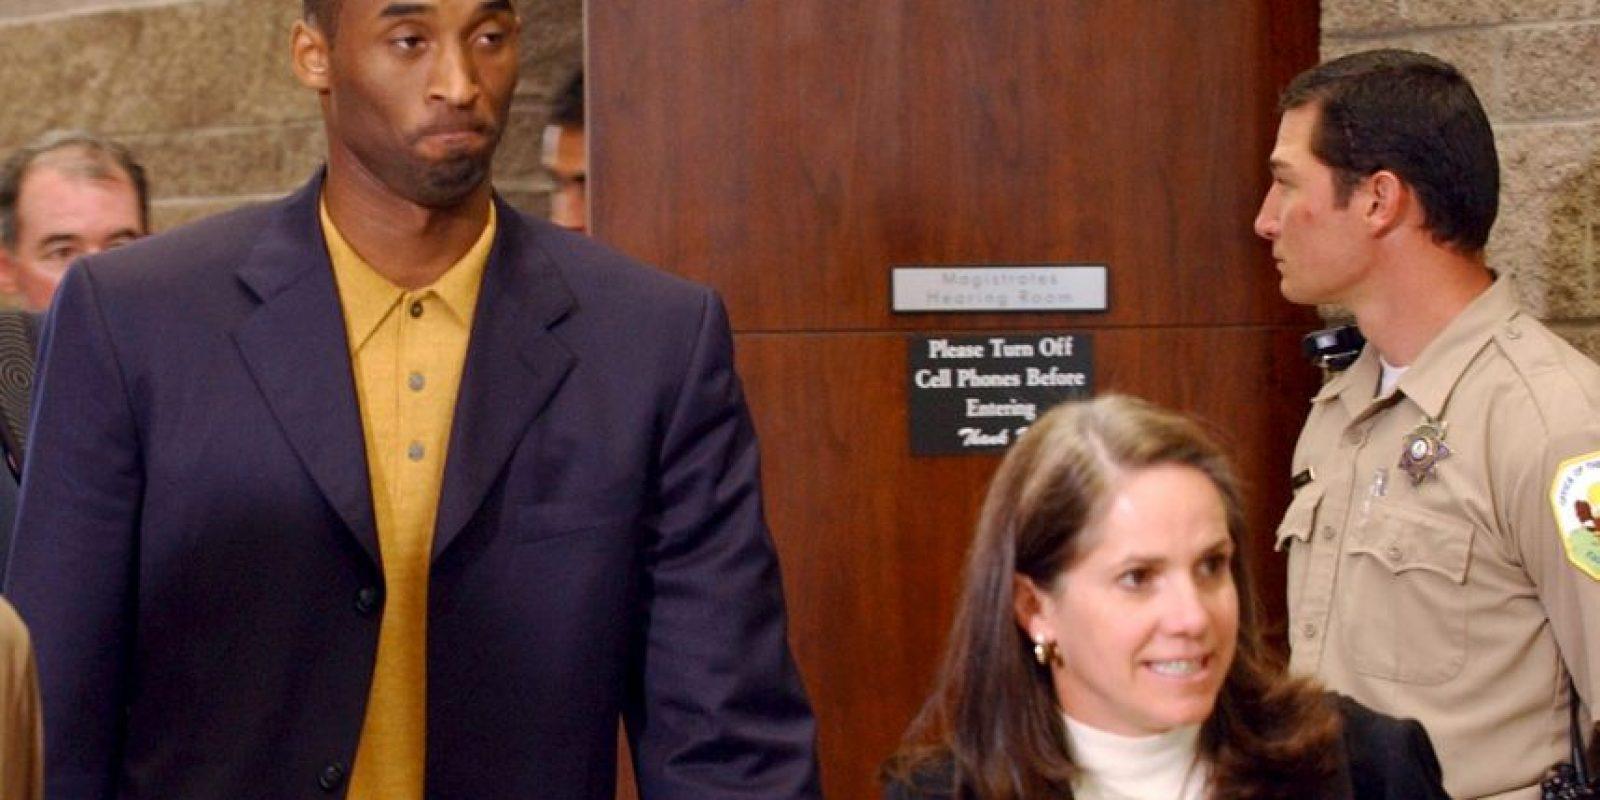 En 2003 fue detenido por una demanda de abuso sexual en su contra. Bryant fue acusado por Katelyn Faber, una empleada de hotel, de haberla forzado a tener relaciones sexuales. El jugador tuvo que pagar 25 mil dólares para salir libre bajo fianza. El proceso terminó cuando Bryant le pidió perdón a la víctima por en incidente y los cargos en su contra fueron retirados. Foto:Getty Images